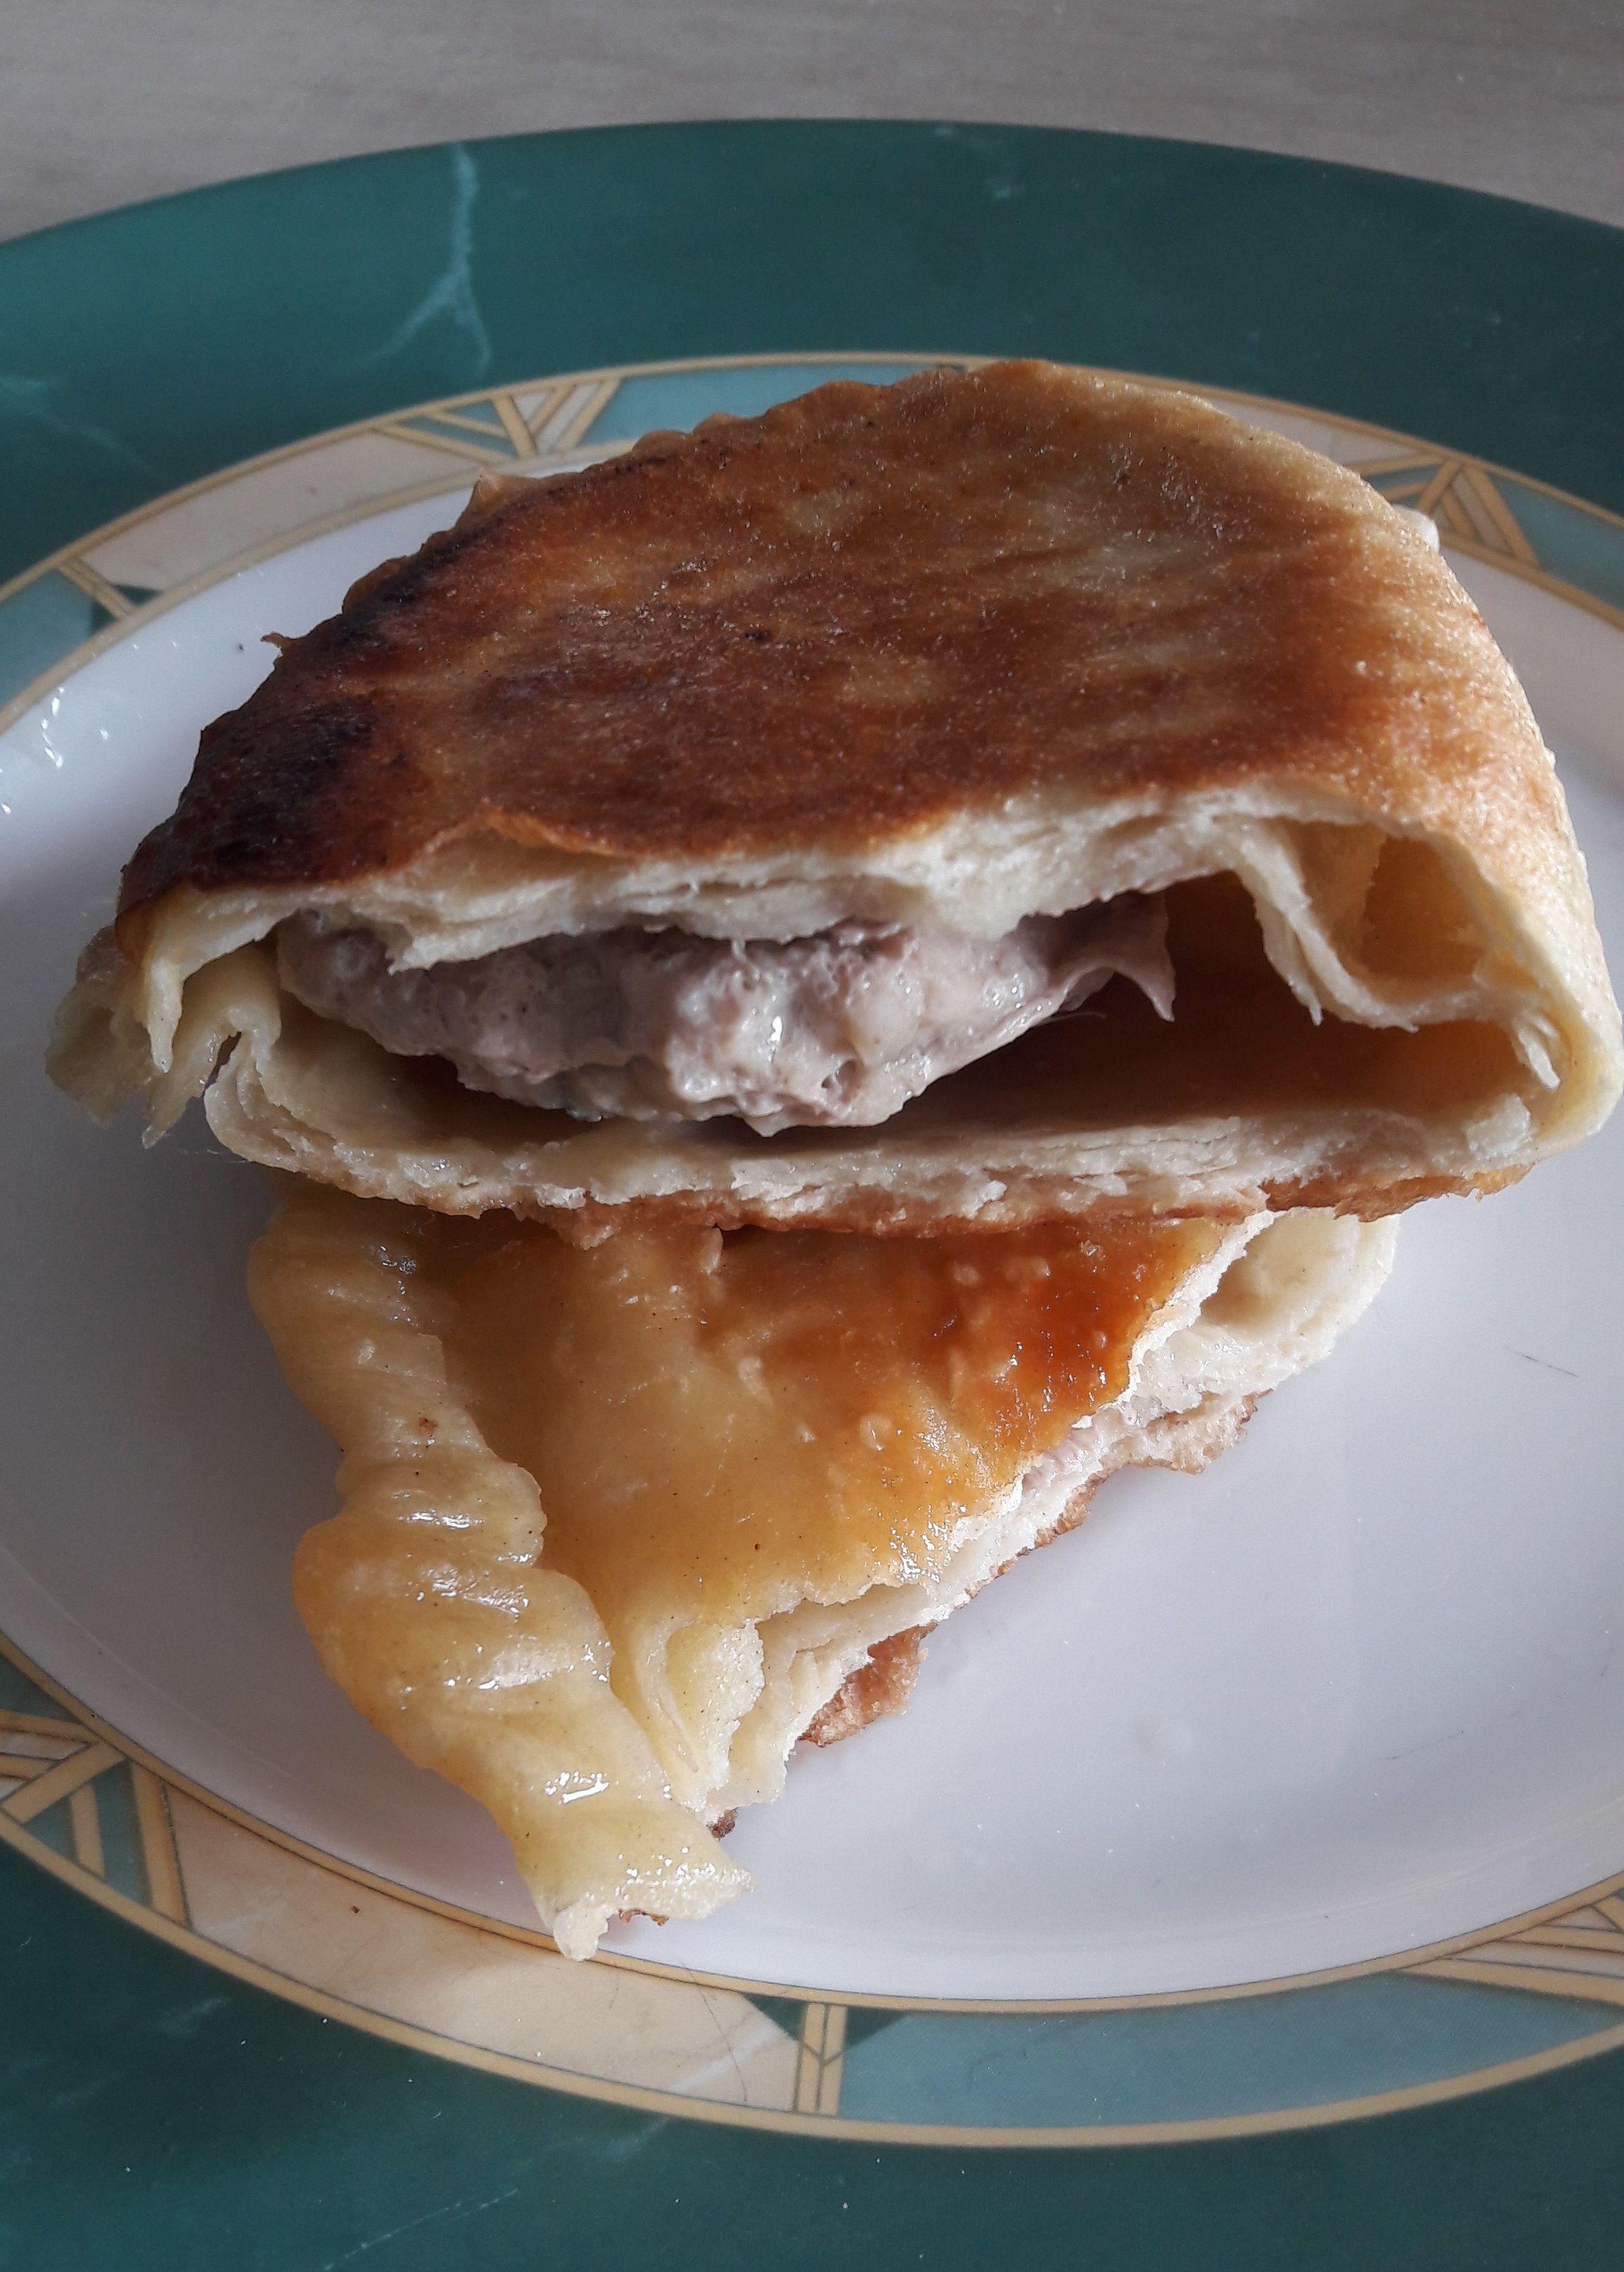 Co pichcicie jutro na obiad? Może spróbujecie czebureków 😊? Czebureki to niesamowity przysmak wywodzący się z kuchni Tatarów krymskich. Może służyć za główne danie obiadowe, jak również przekąskę czy zaskakujący poczęstunek dla gości ❤ #czebureki #obiad #naobiad #daniazwieprzowiny #mięso #pasibrzuszek #blogkulinarny #blogerkulinarny #przepisy #przepisykulinarne #przekąska